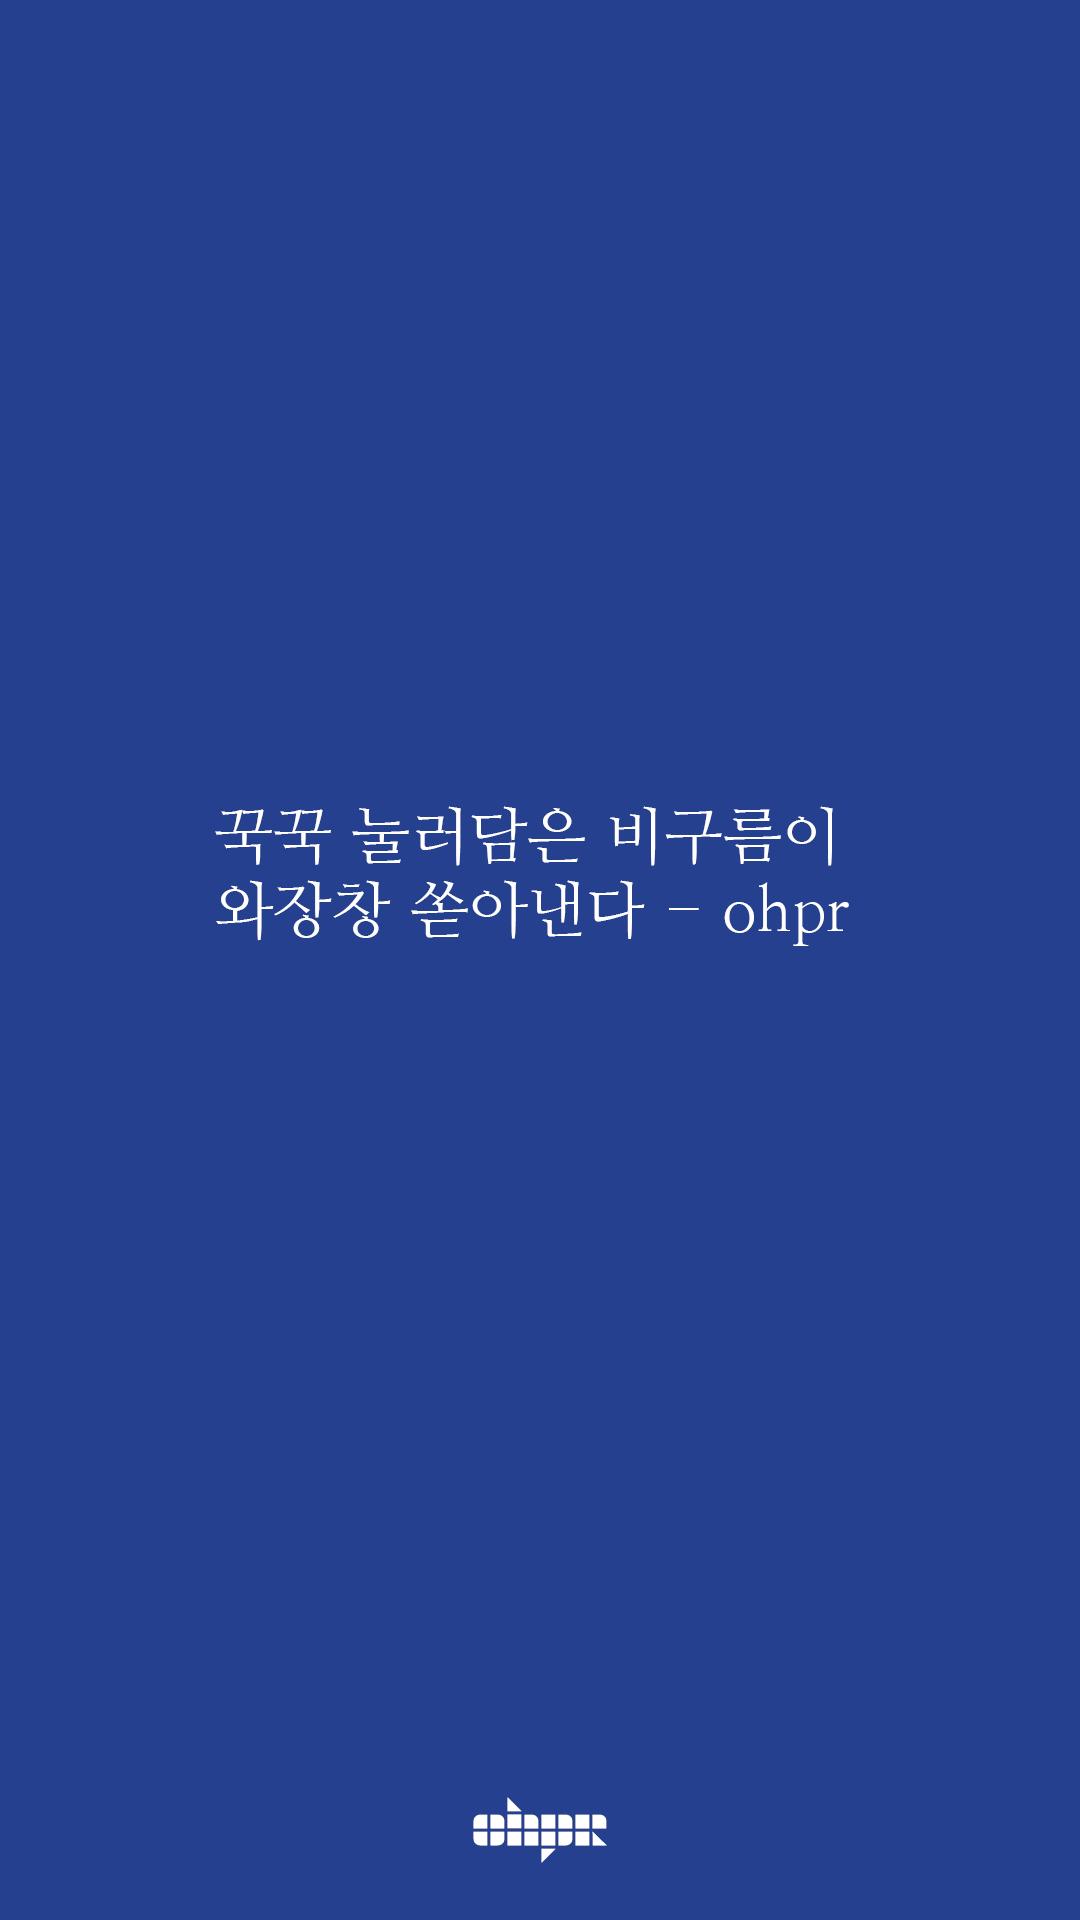 ohpr_wording40